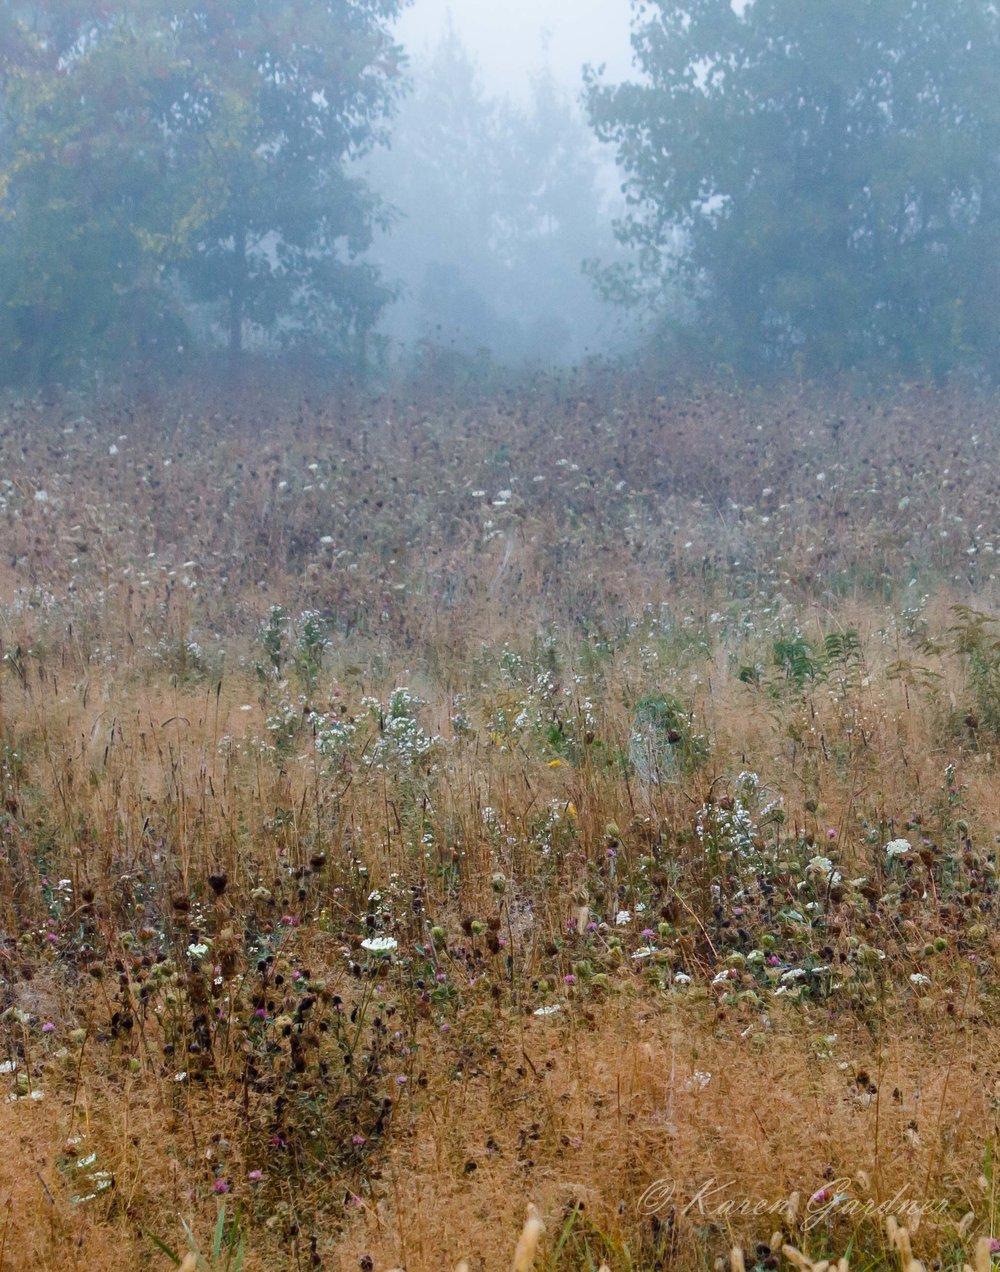 Hadley Field in Fog